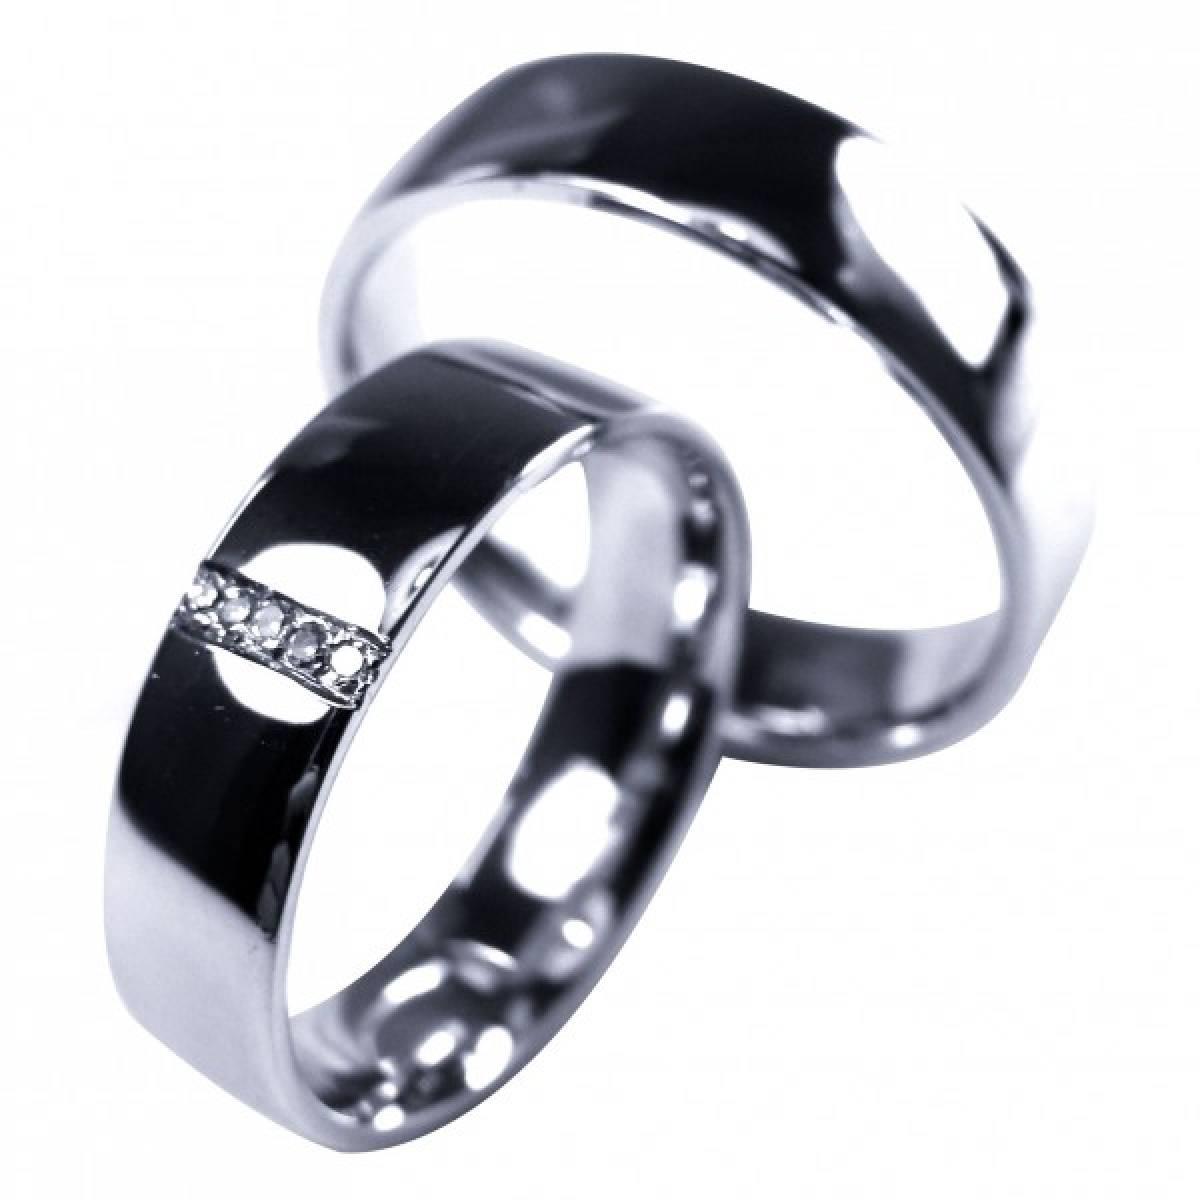 Alianças de Casamento em Ouro Branco com 5 Diamantes de 0,10 CTS